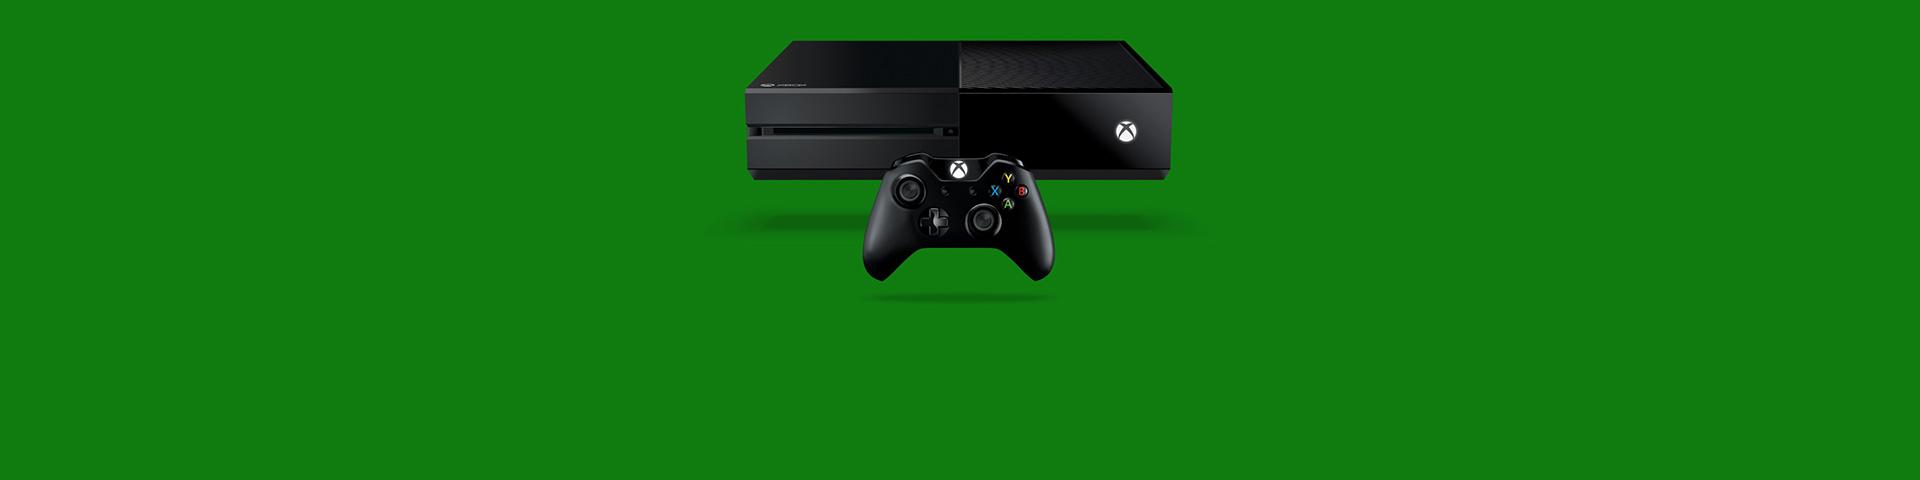 Xbox One 主機和控制器